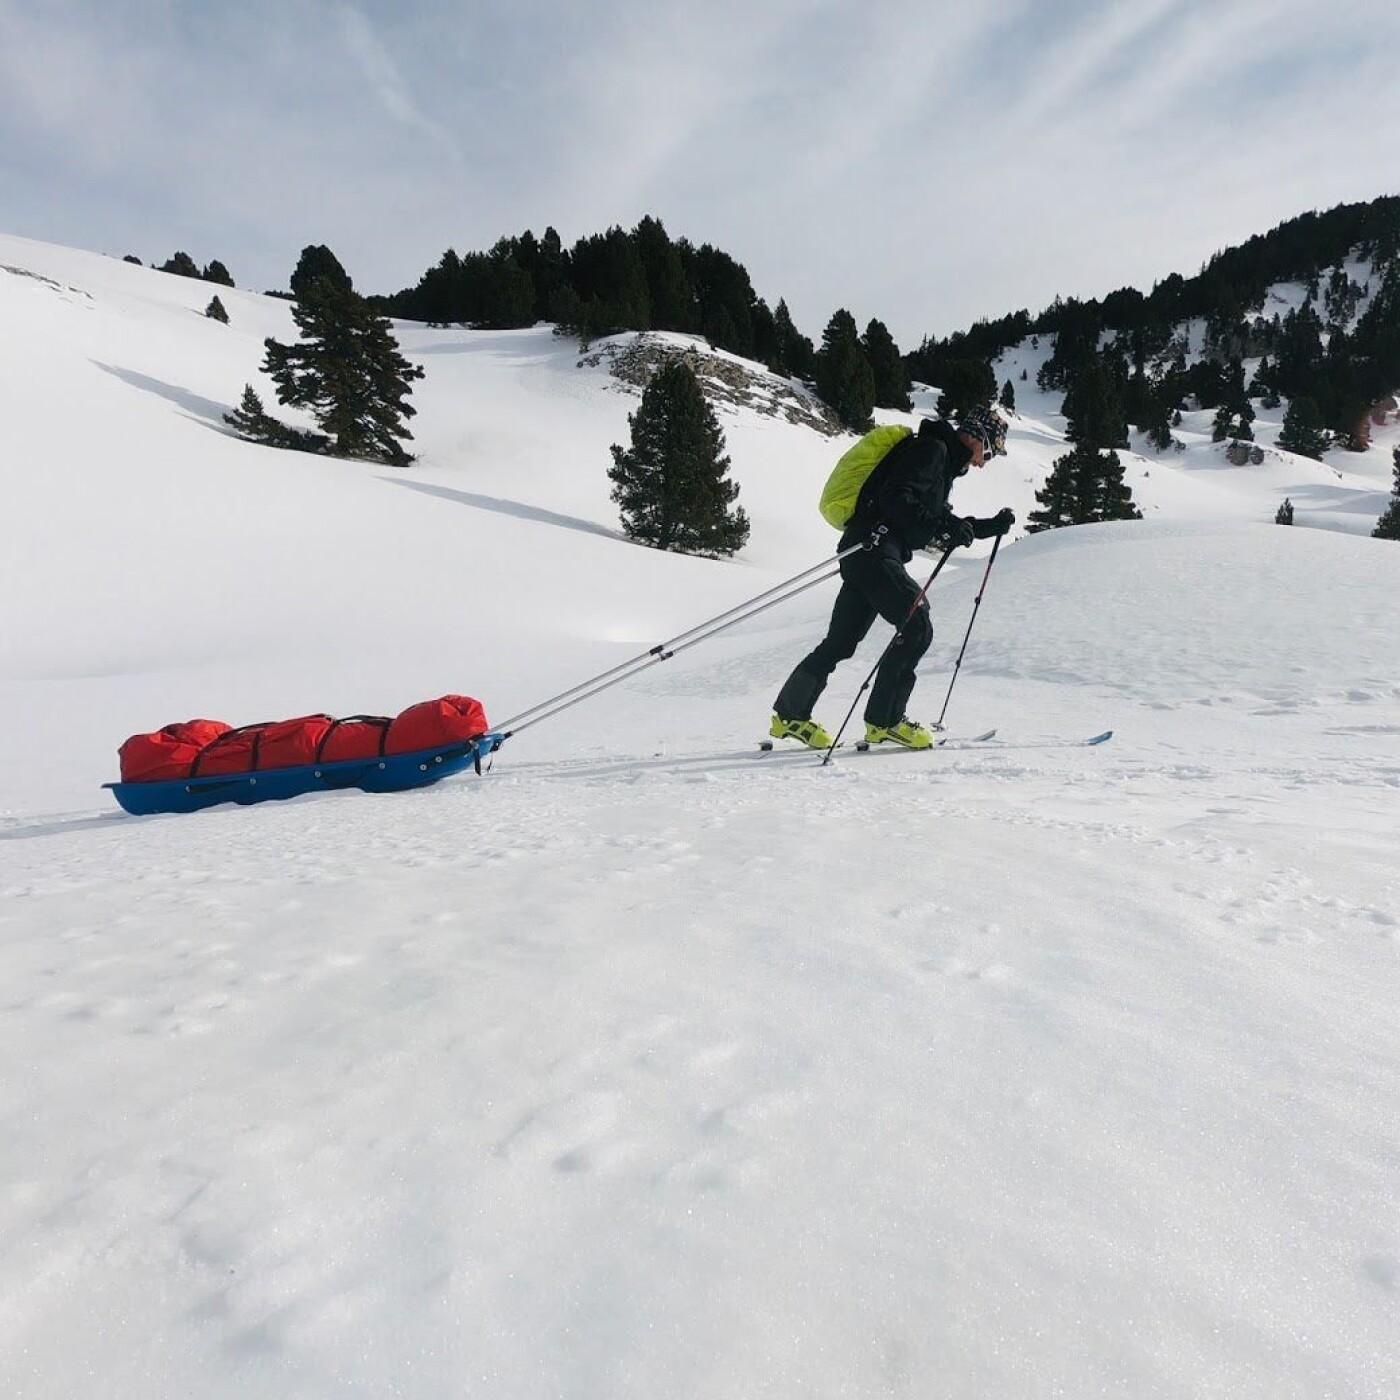 Armel Vrac nous fait revivre son ascencion du Mont Blanc - Globe Trotter 09 03 - Janv 2021 - StereoChic Radio